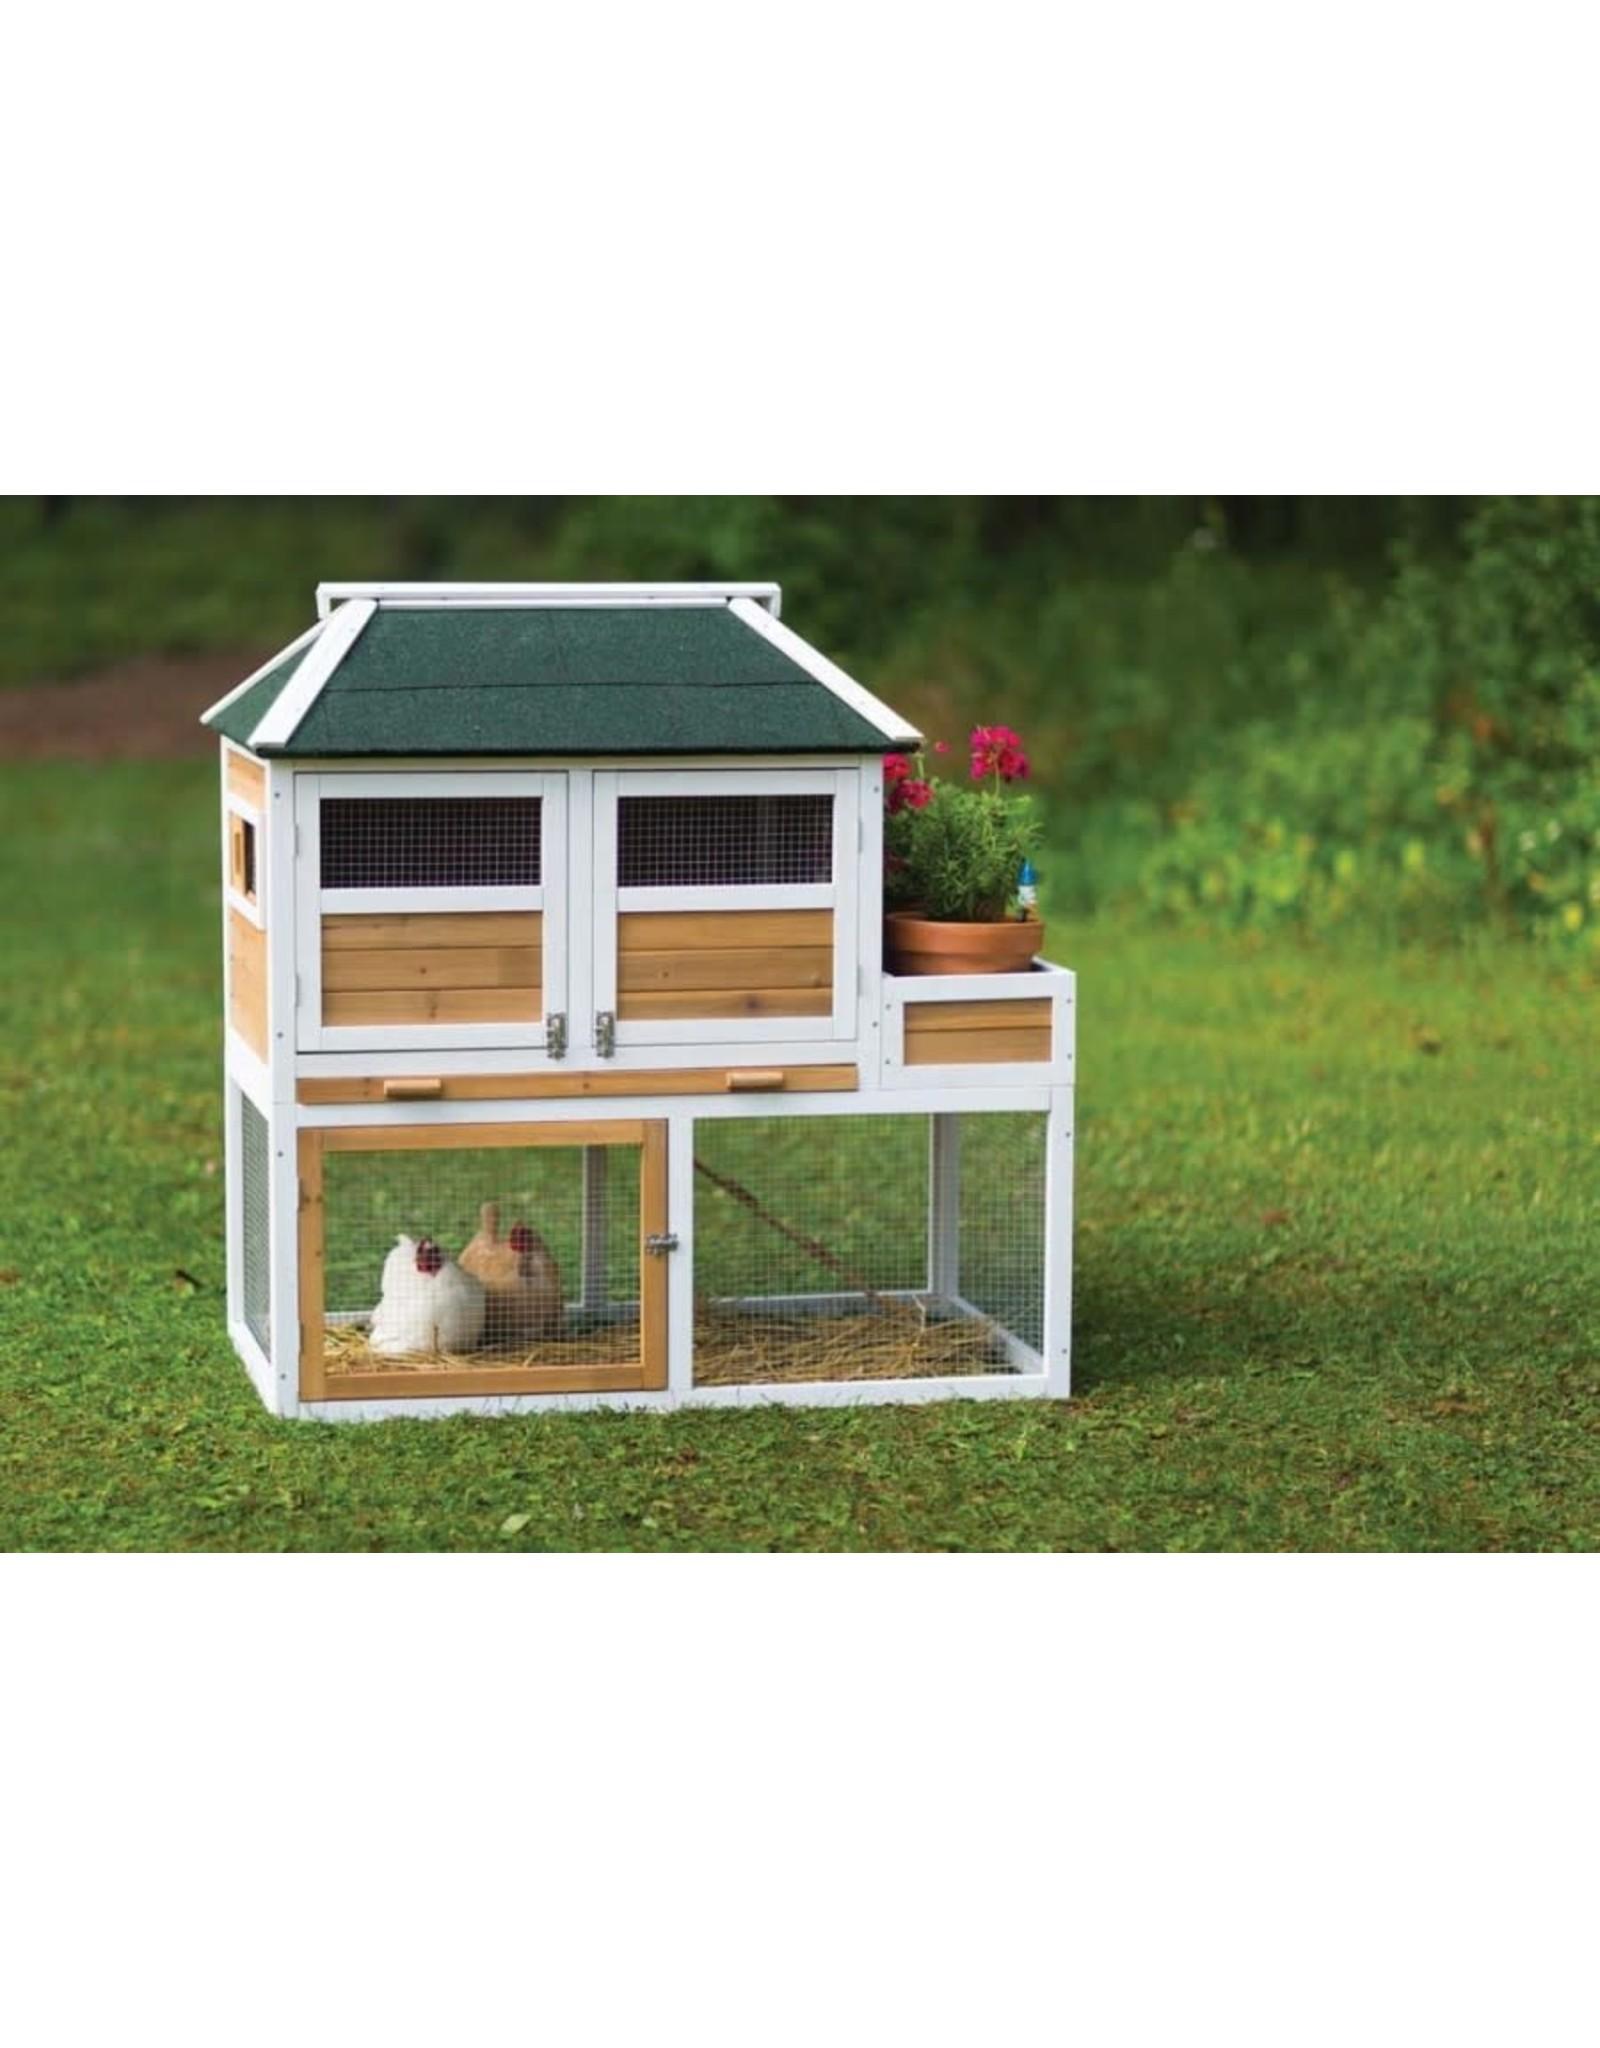 Prevue Pet Products Chicken Coop